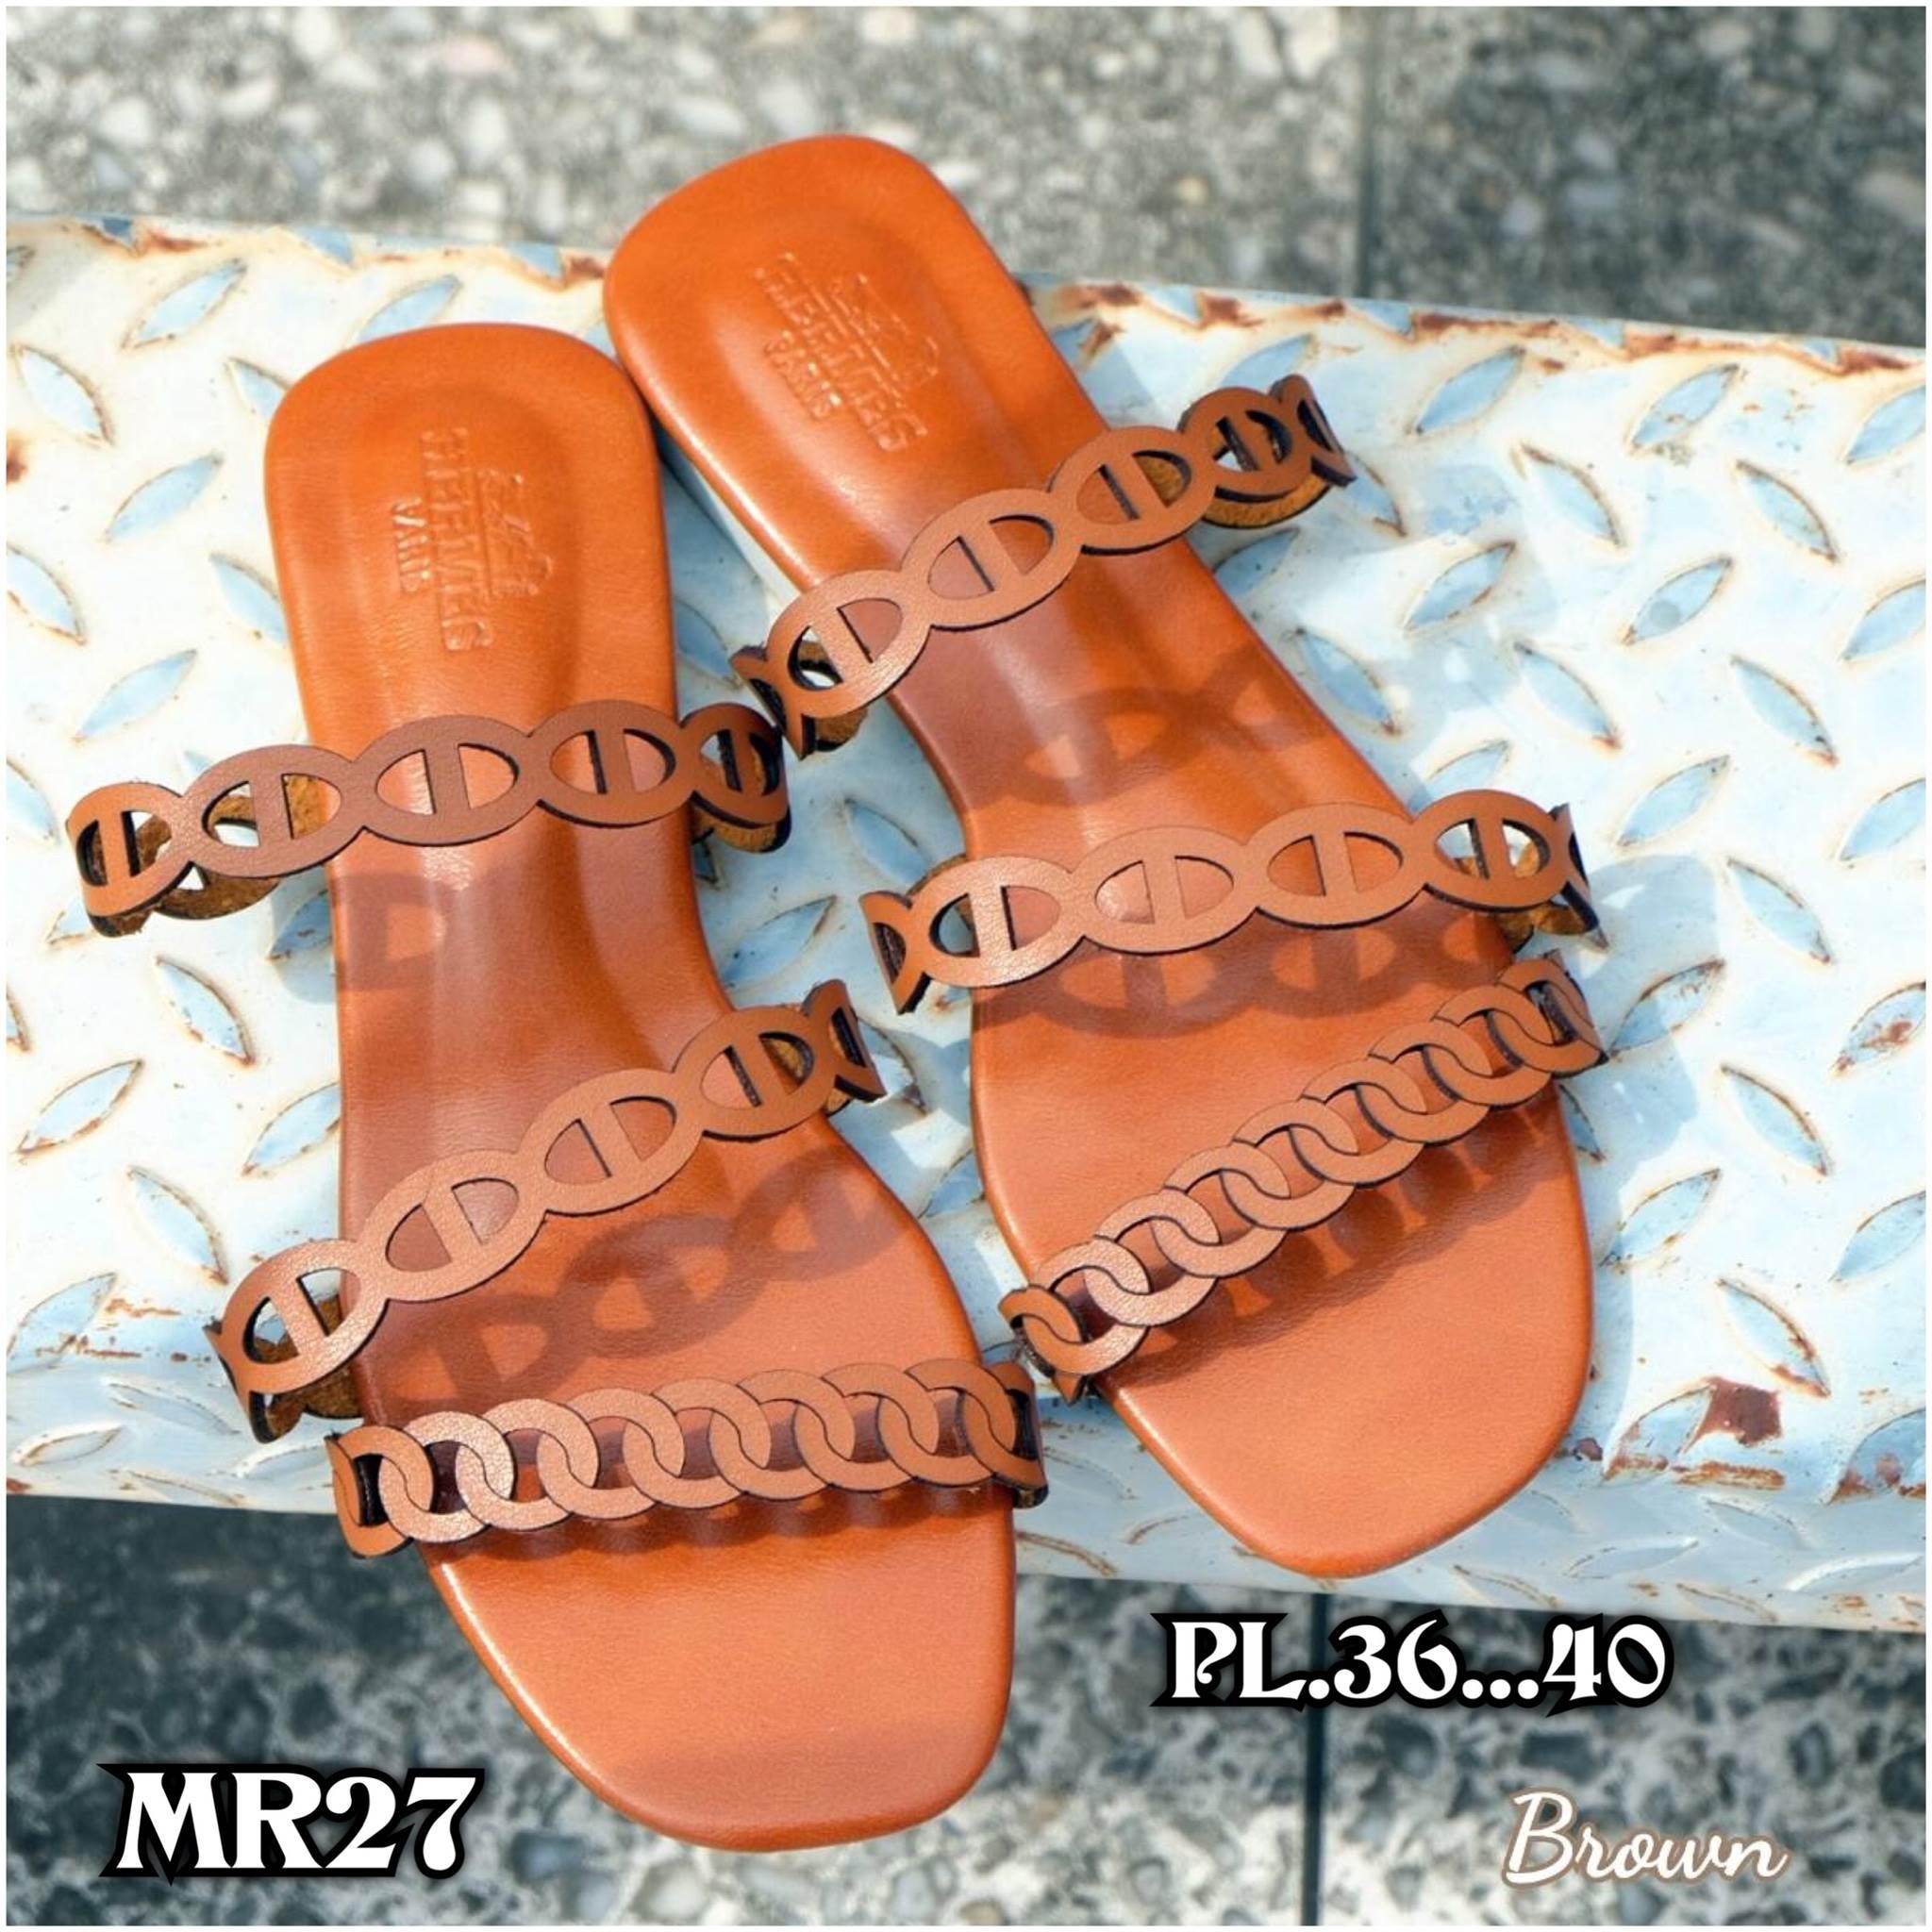 รองเท้า แตะแฟชั่น แบบสวม แต่งหนังเส้นลายฉลุสวยเก๋สไตล์แอร์เมส หนังนิ่ม ทรงสวย ใส่สบาย แมทสวยได้ทุกชุด (MR27)